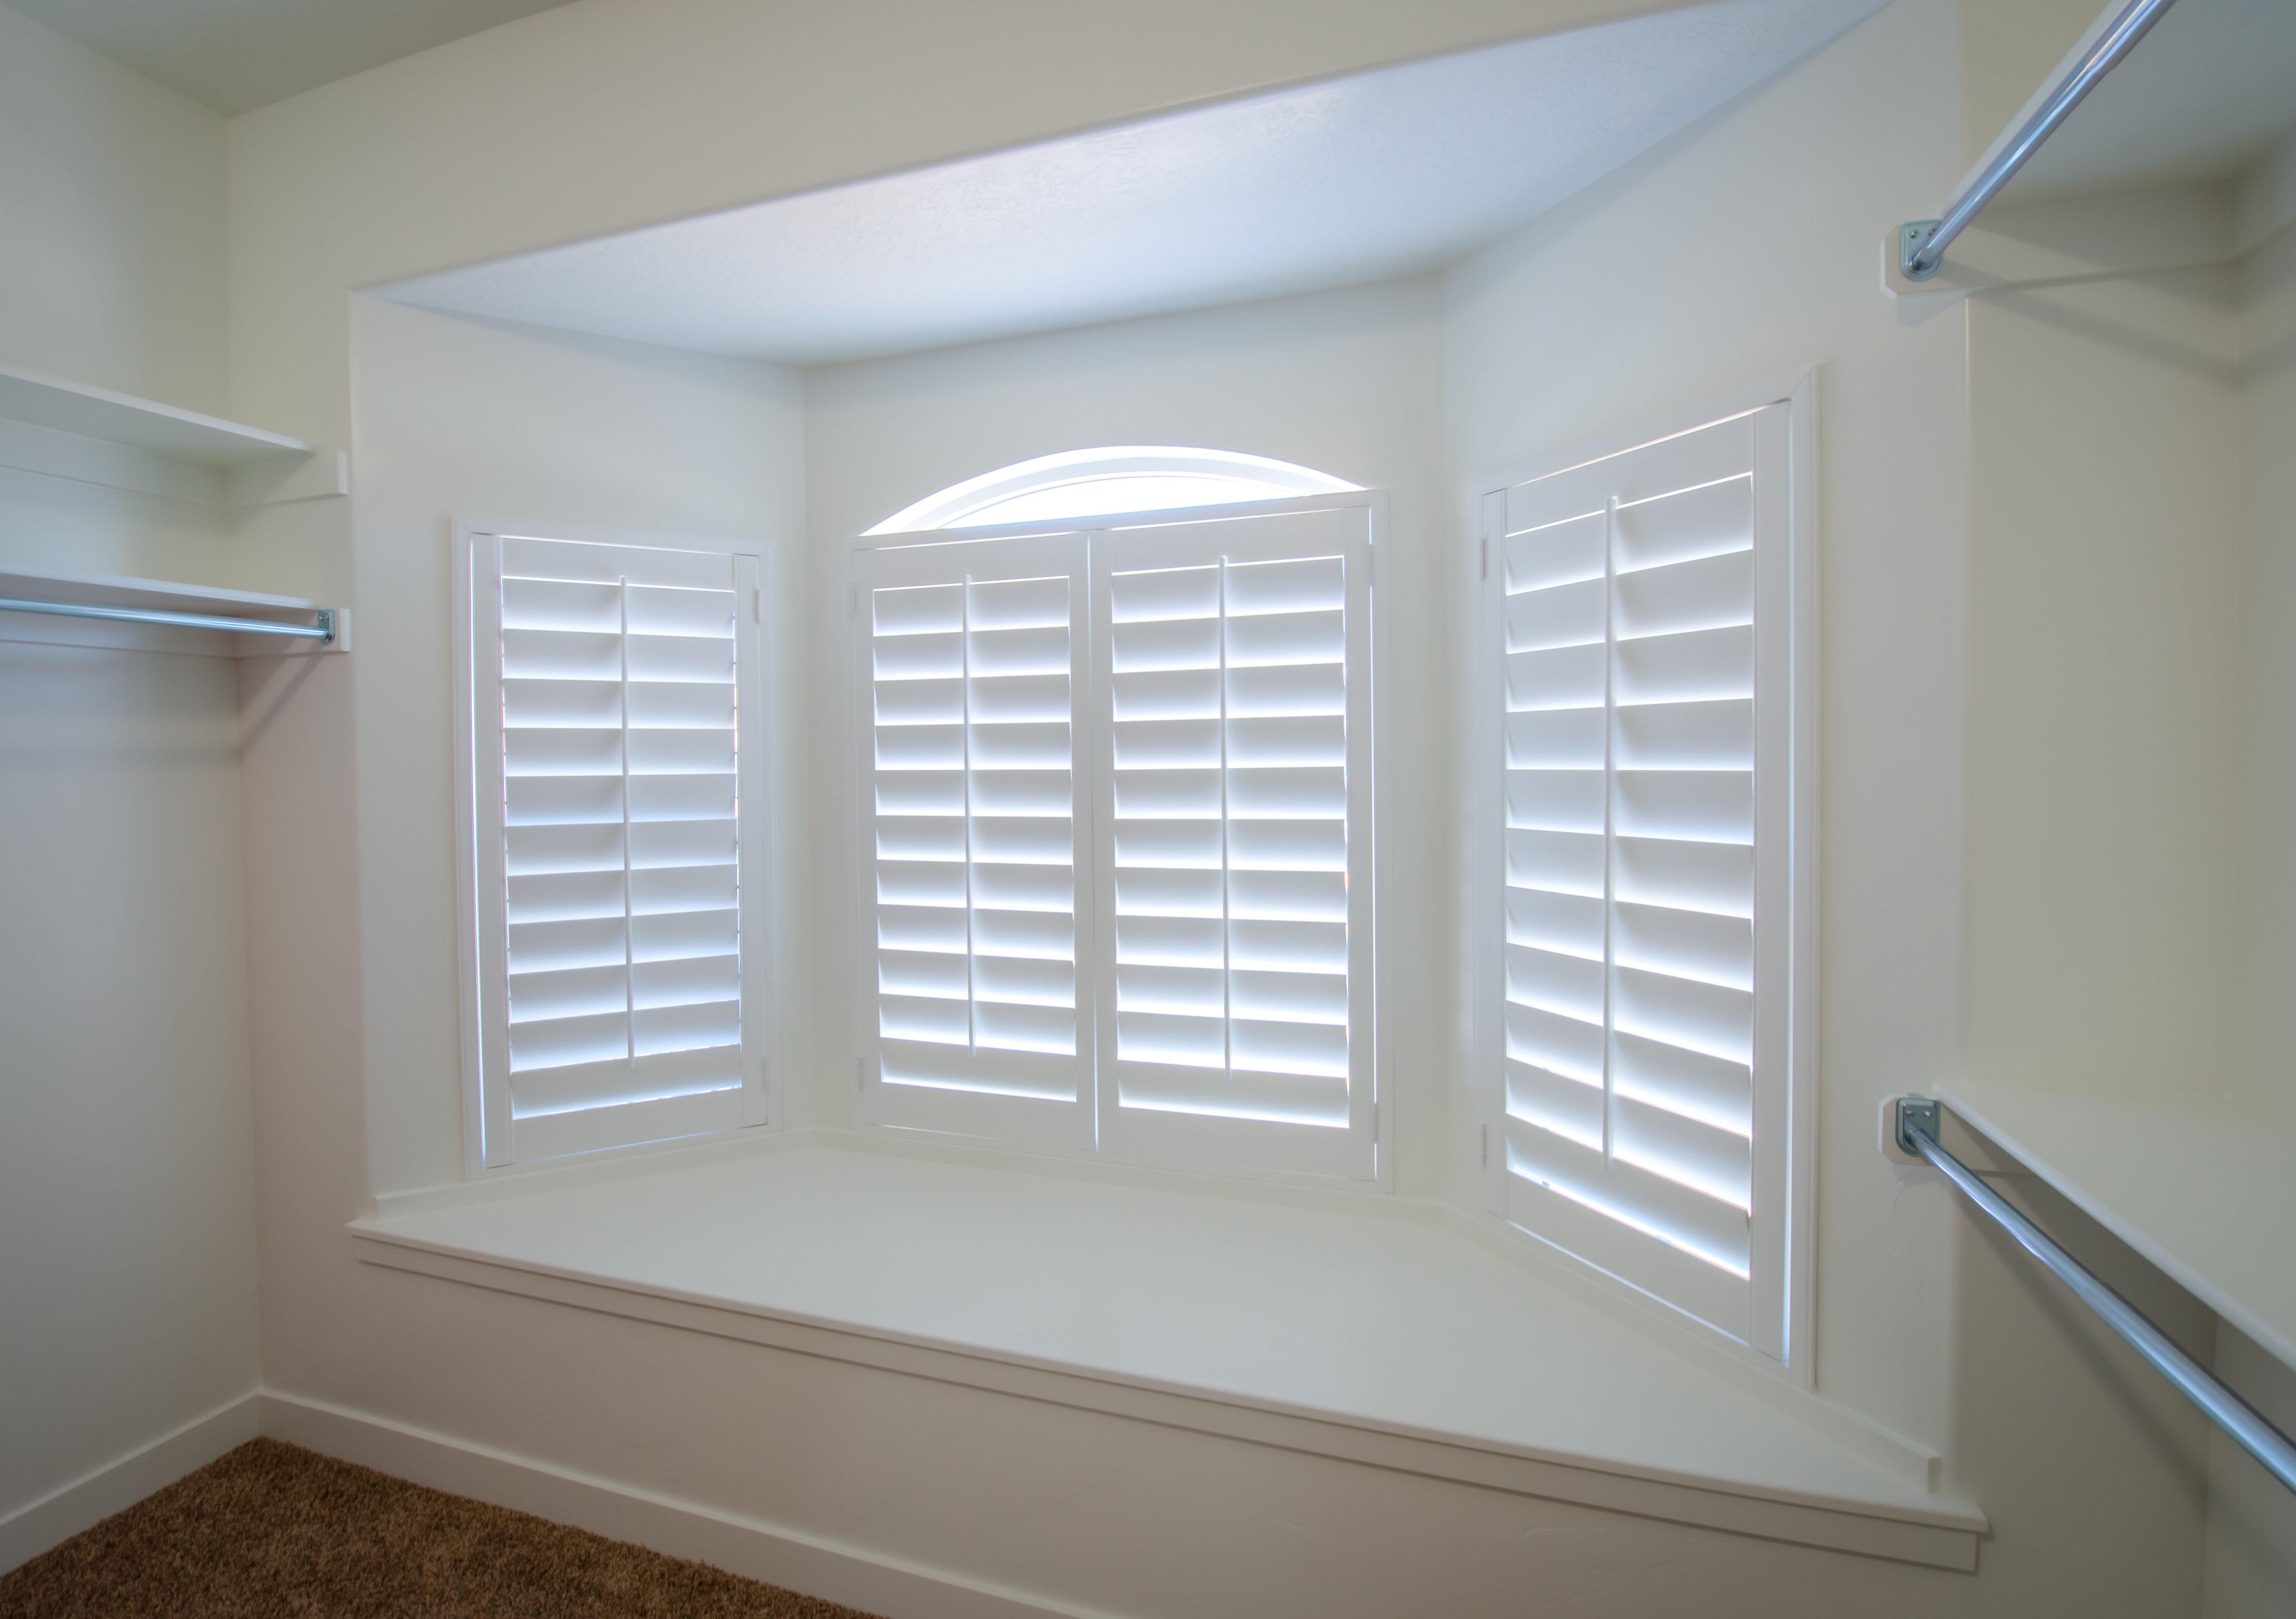 Closet Window Shutters - Side